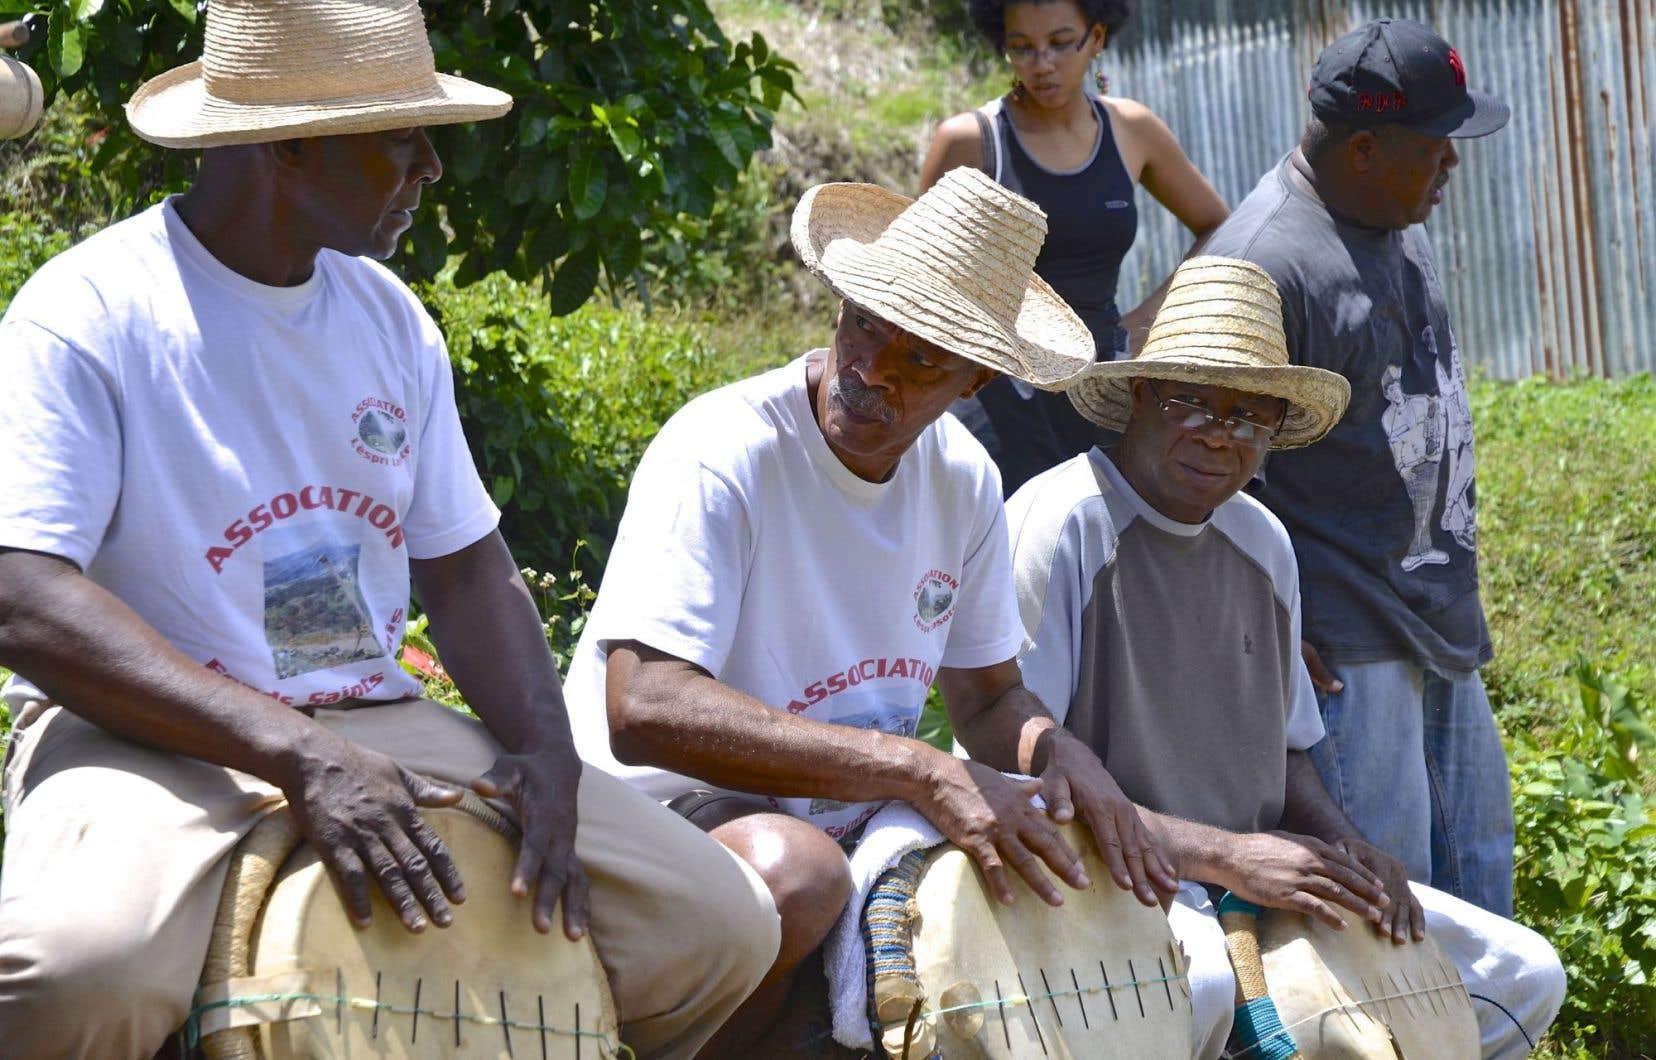 Les maîtres-tambours donnent la cadence pour le lasotè: un rythme pour labourer la terre de bas en haut, un autre pour le billonnage. Tout en haut: les agriculteurs de Fonds-Saint-Denis, en Martinique.